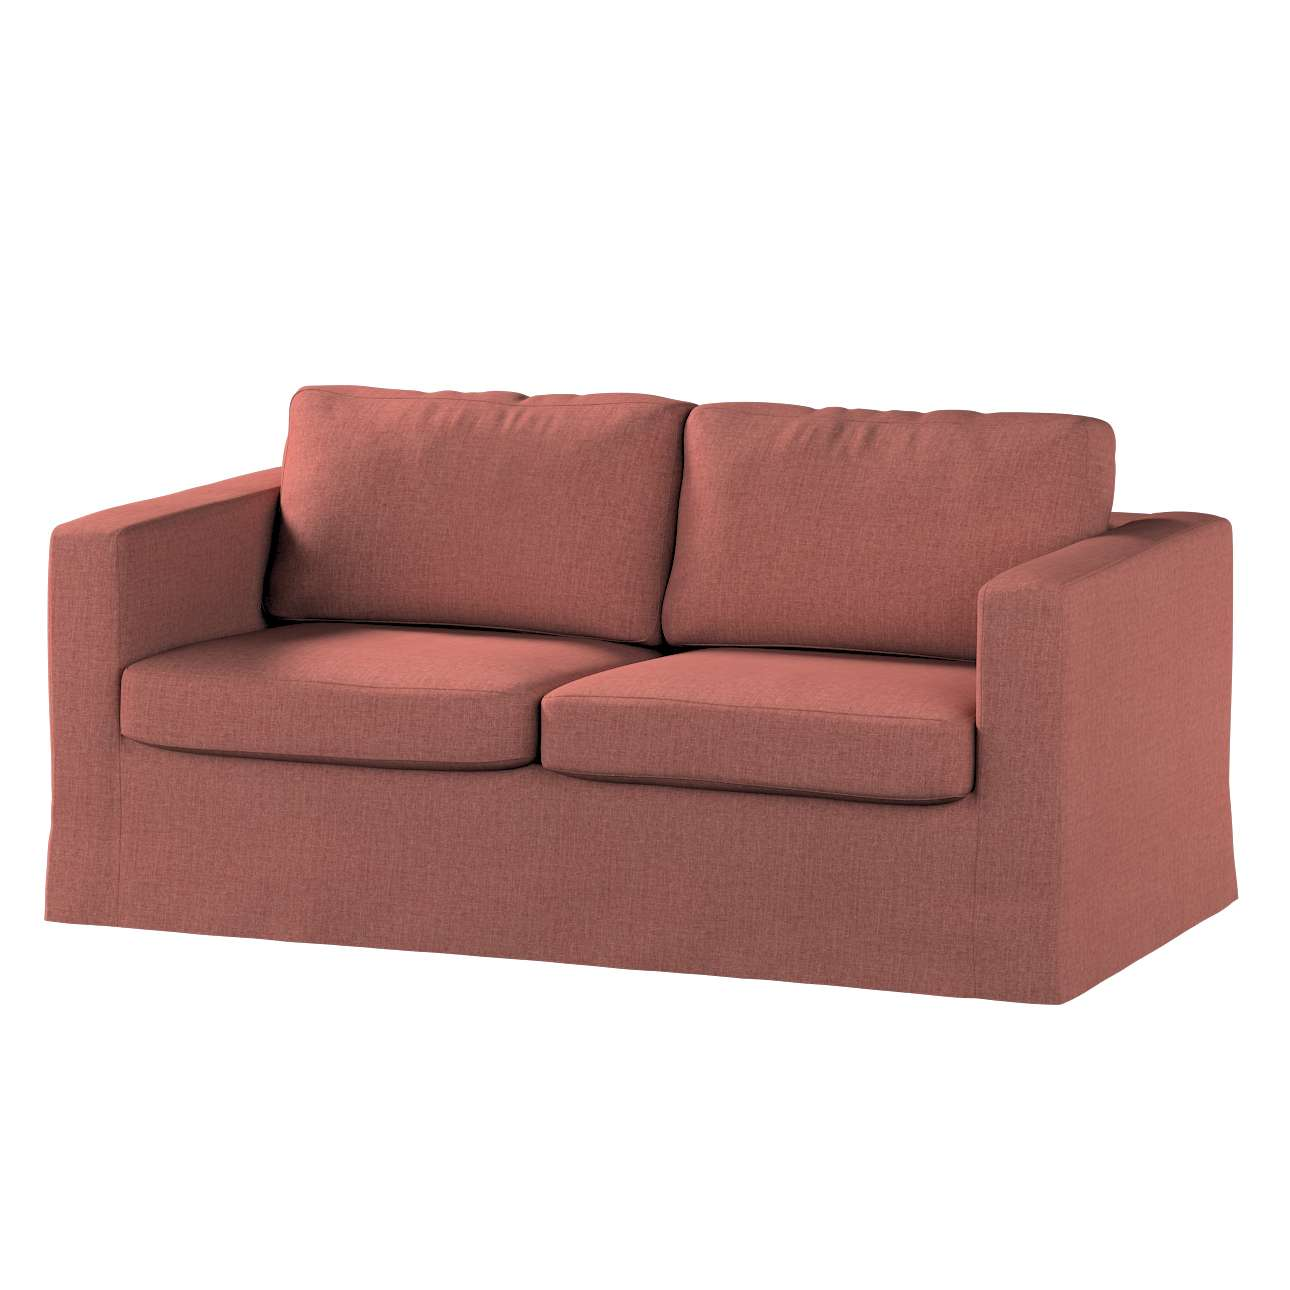 Pokrowiec na sofę Karlstad 2-osobową nierozkładaną długi w kolekcji City, tkanina: 704-84